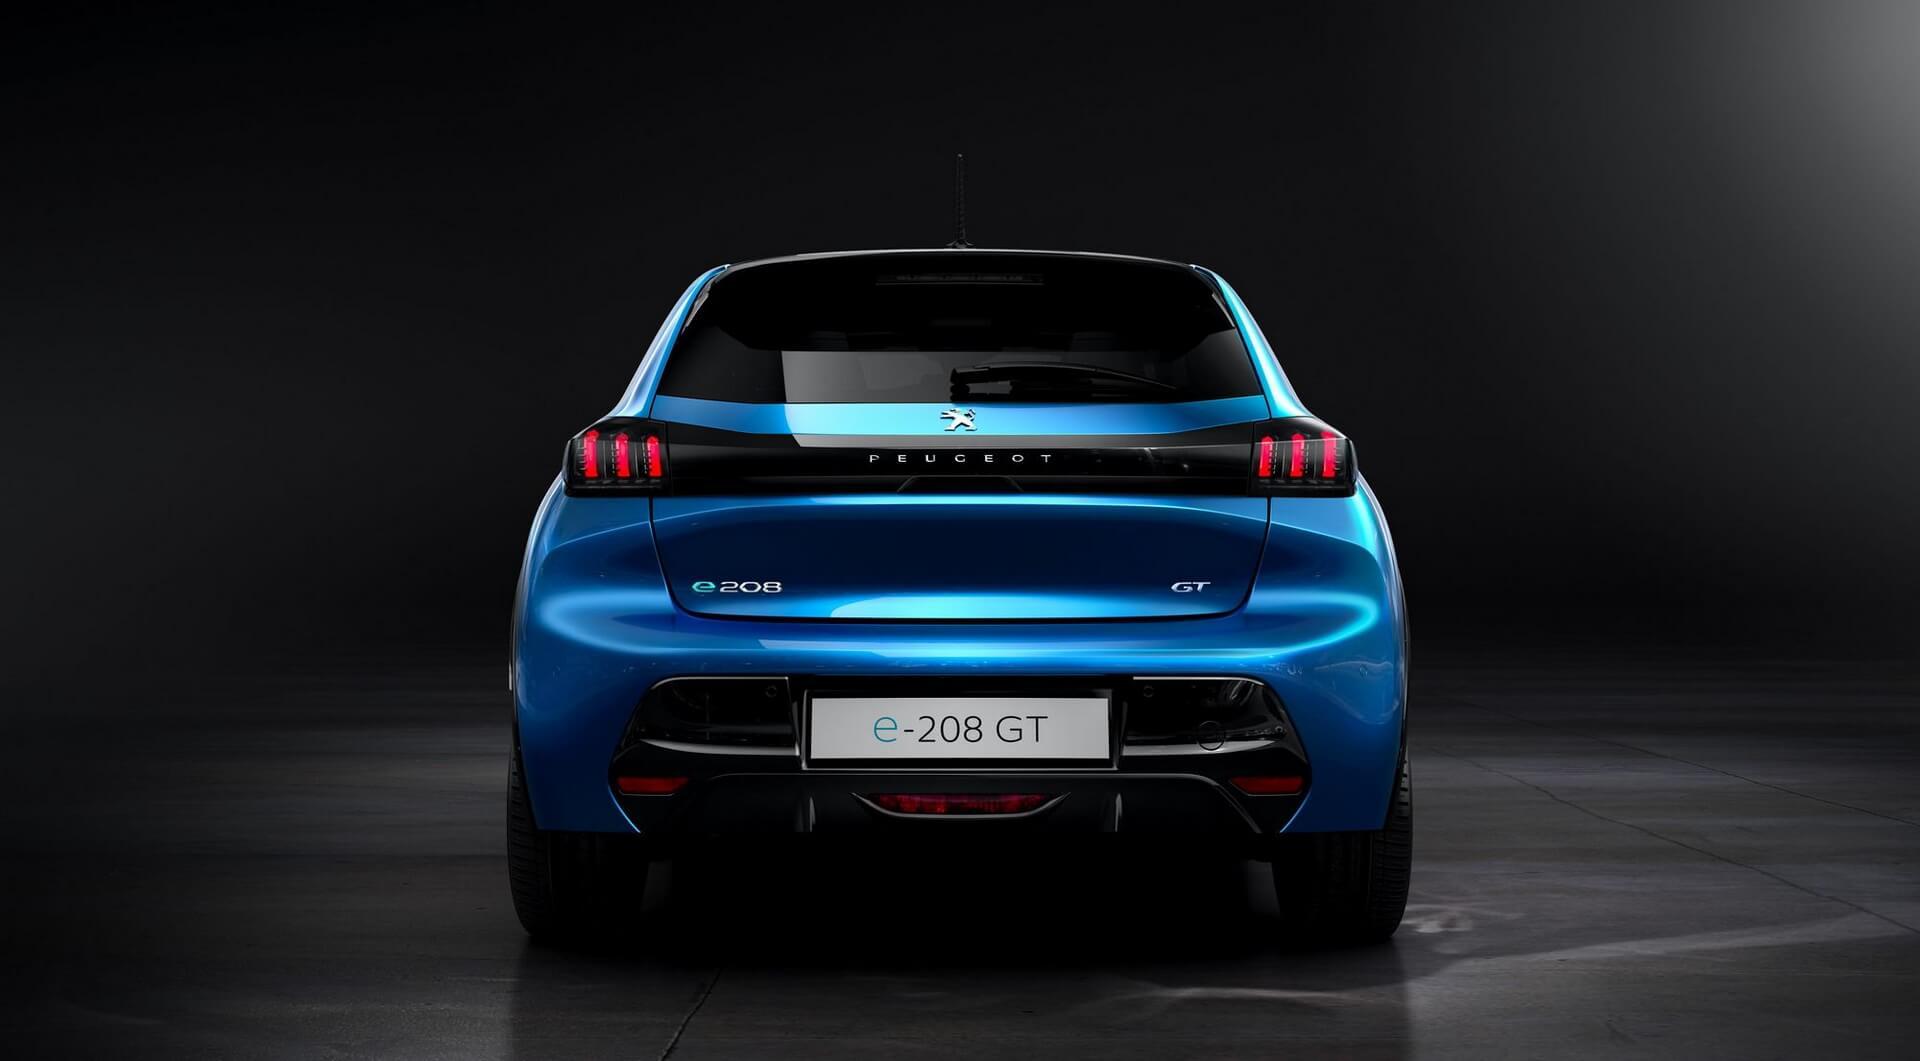 Электромобиль Peugeot e-208: e-motion - вид сзади